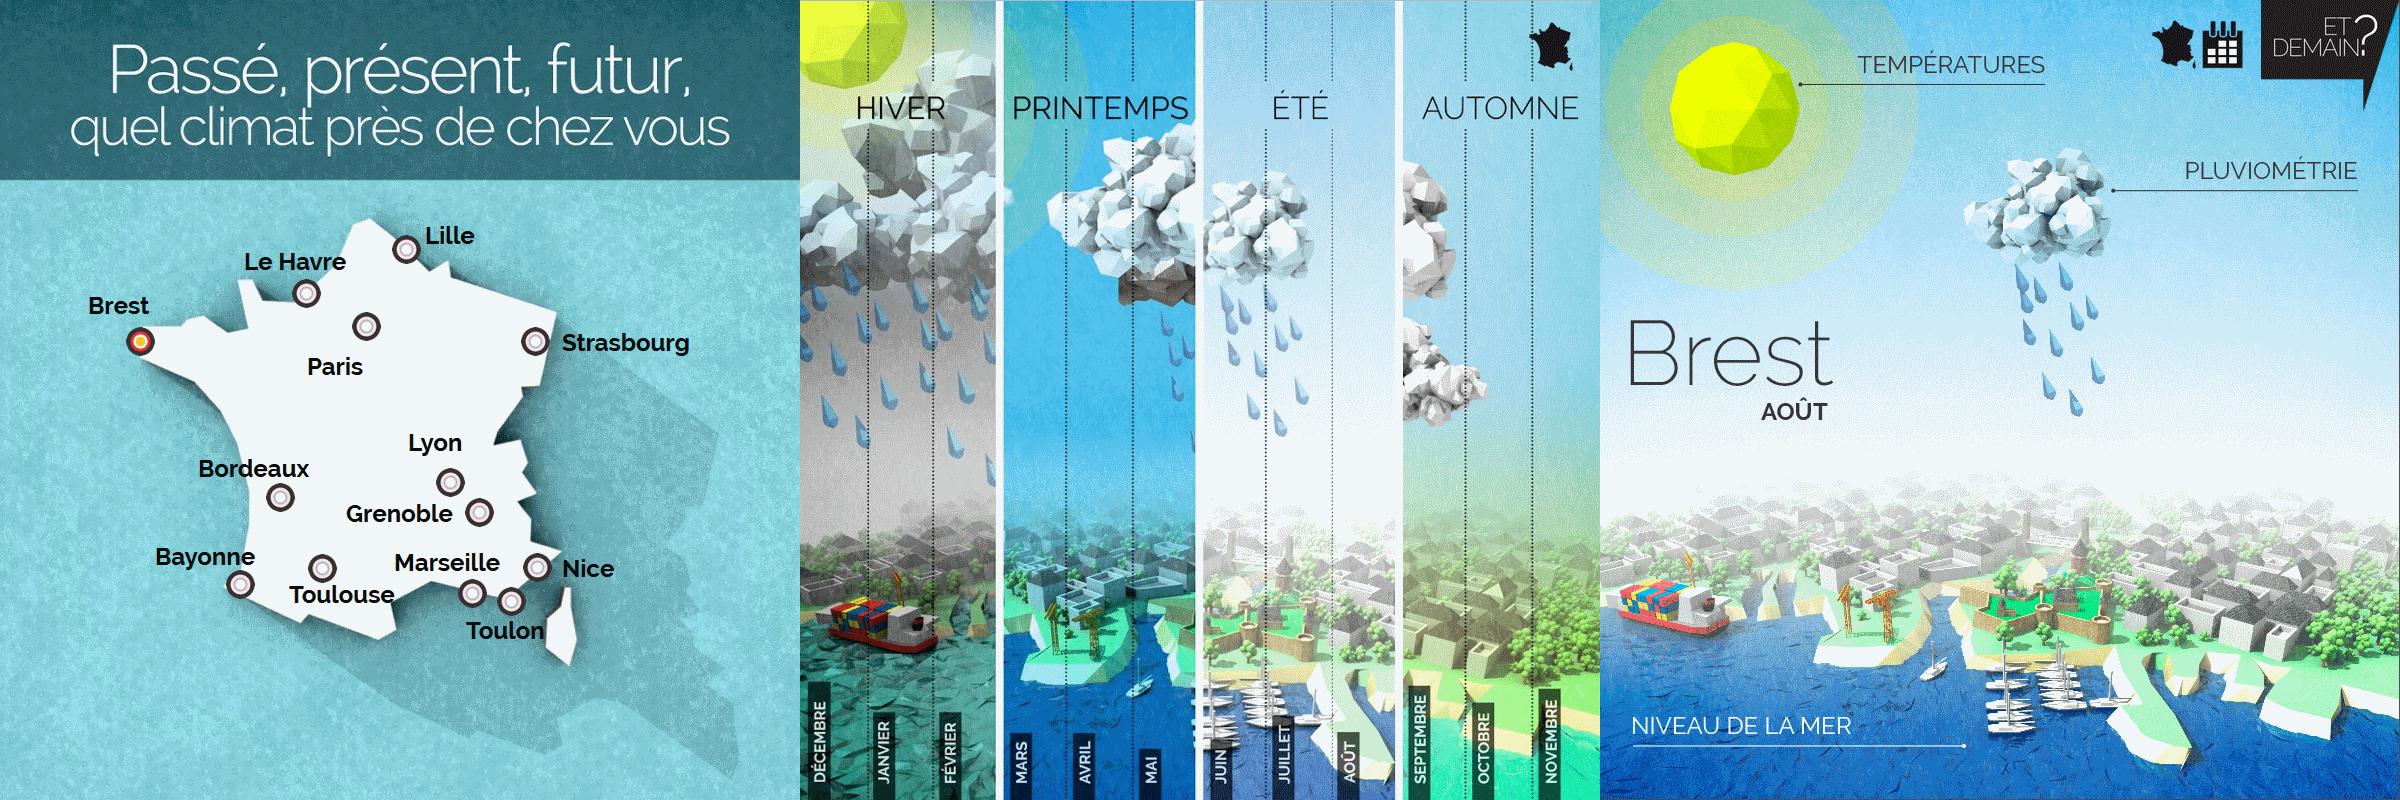 Notre projet : Quel climat près de chez vous / Ma ville, mon climat